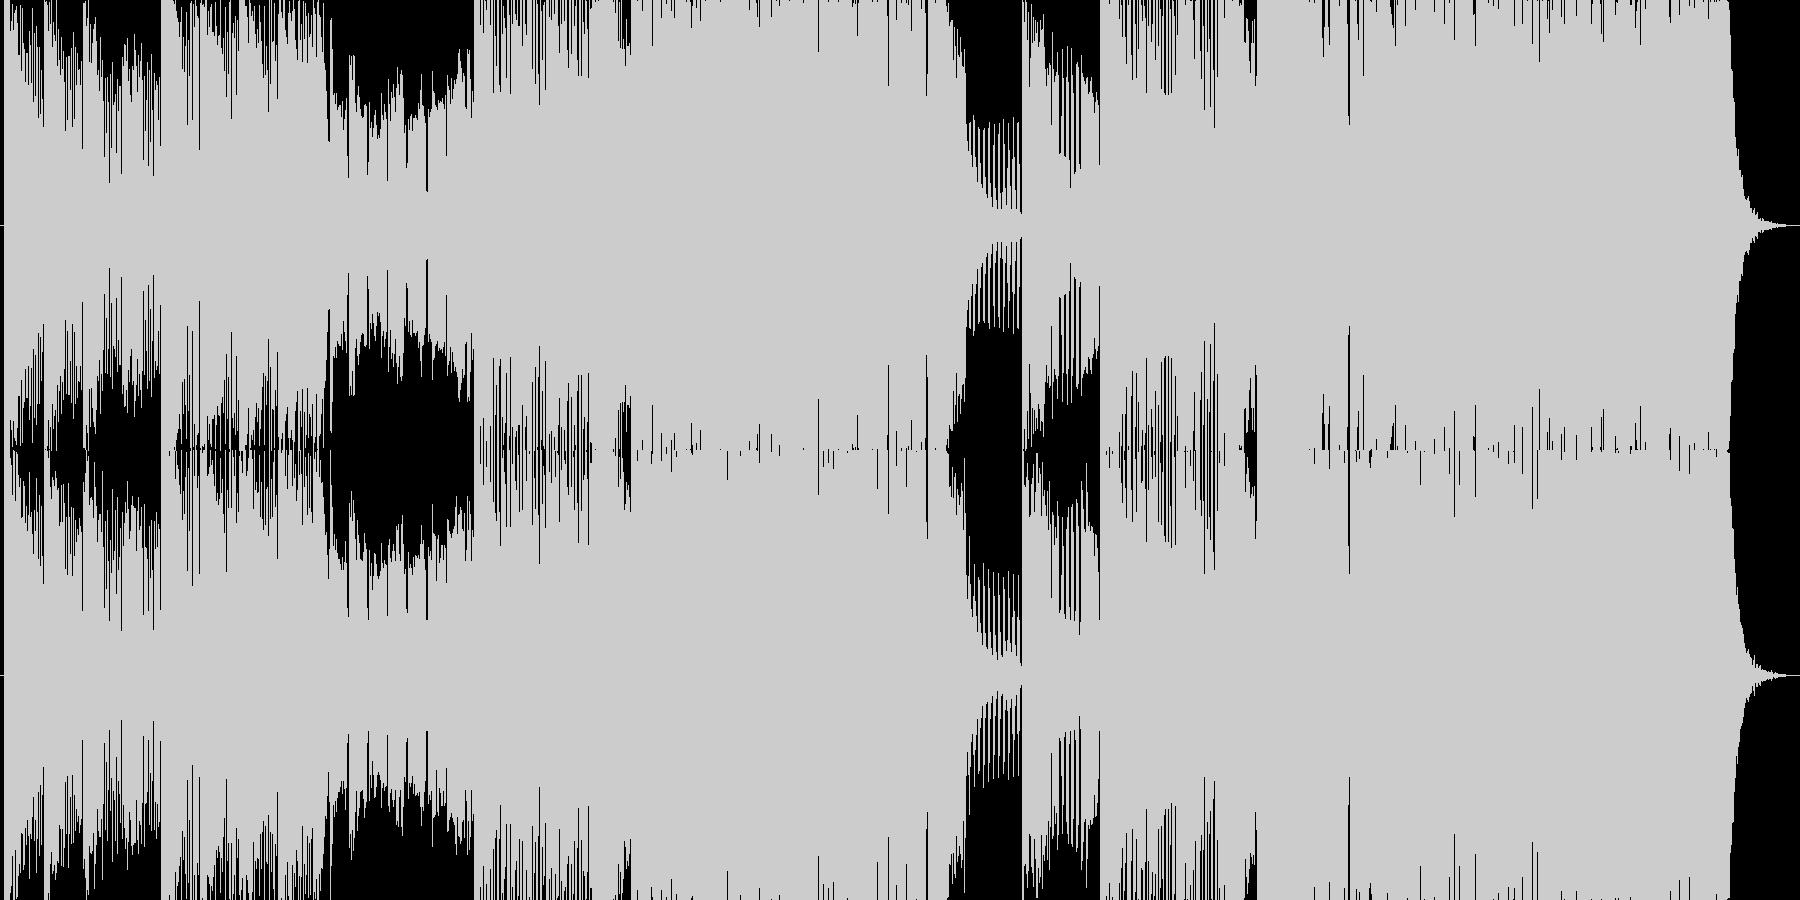 攻撃的かつポップなダブステップの未再生の波形